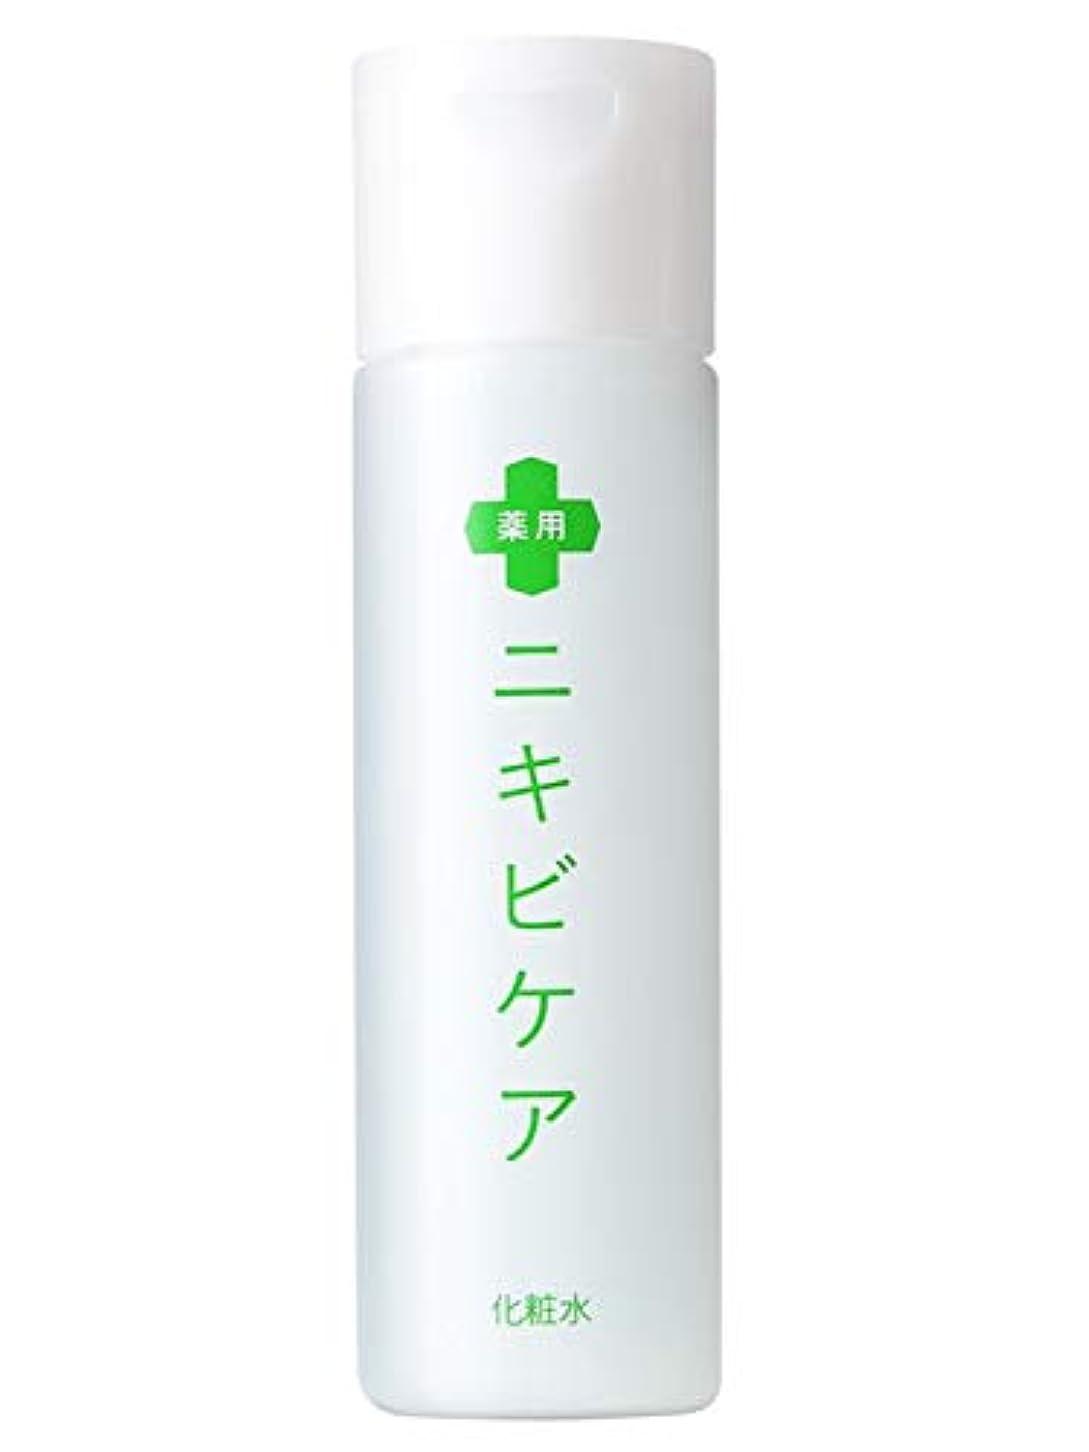 ミニ研磨の中で医薬部外品 薬用 ニキビケア 化粧水 大人ニキビ 予防「 あご おでこ 鼻 ニキビ アクネ 対策」「 肌をひきしめサラサラに 」「 コラーゲン プラセンタ 配合 」 メンズ & レディース 120ml